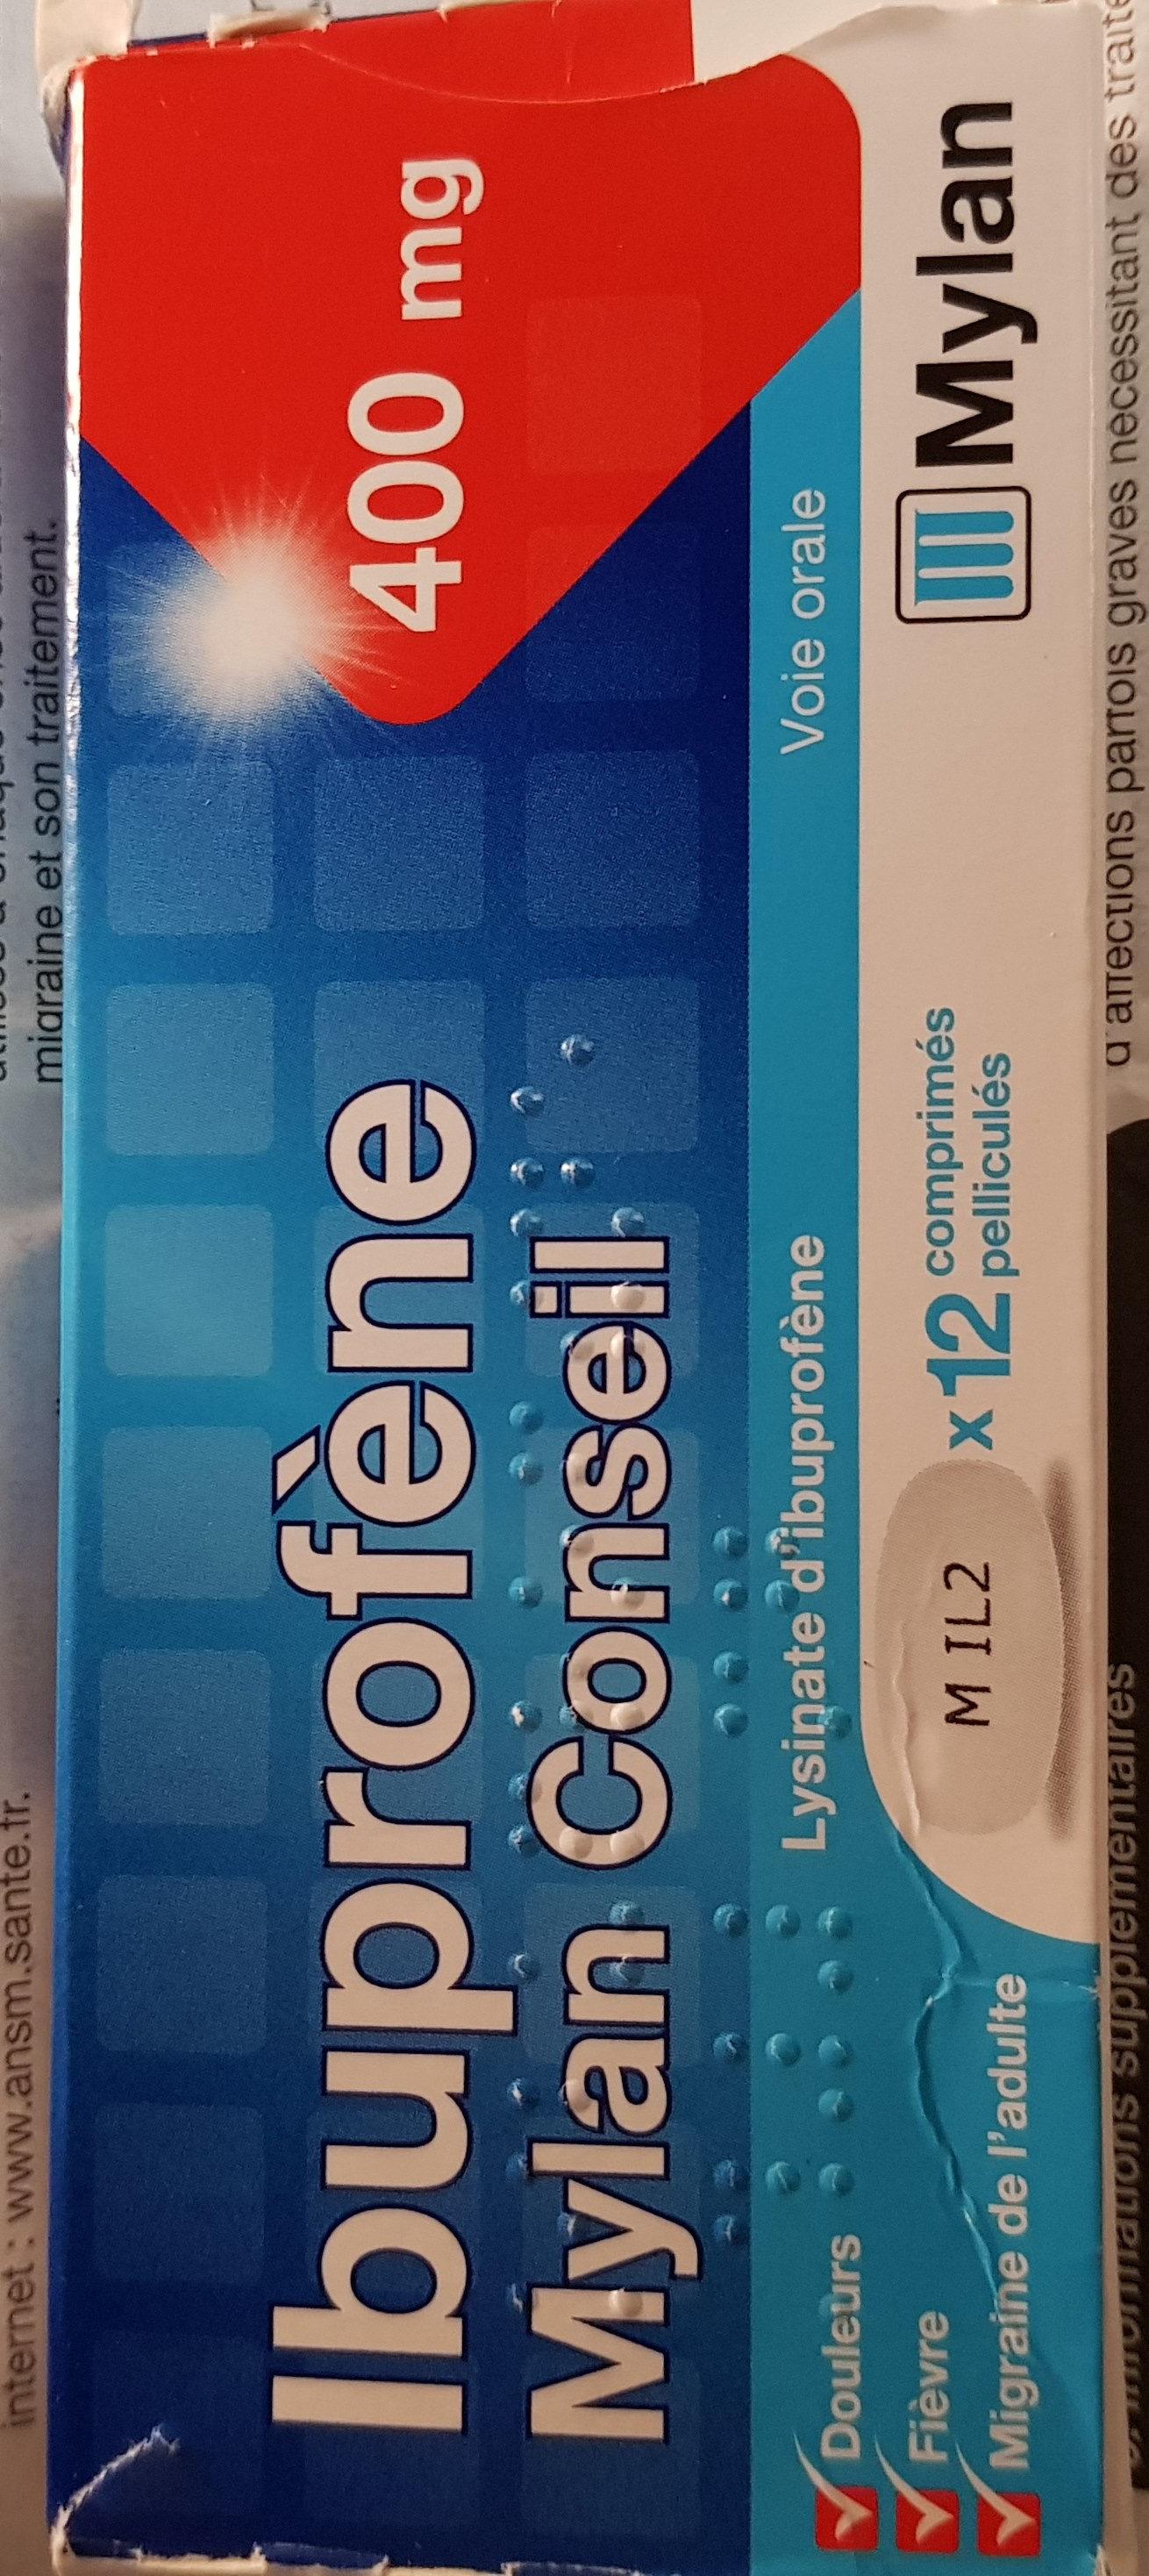 ibuprofene - Product - fr